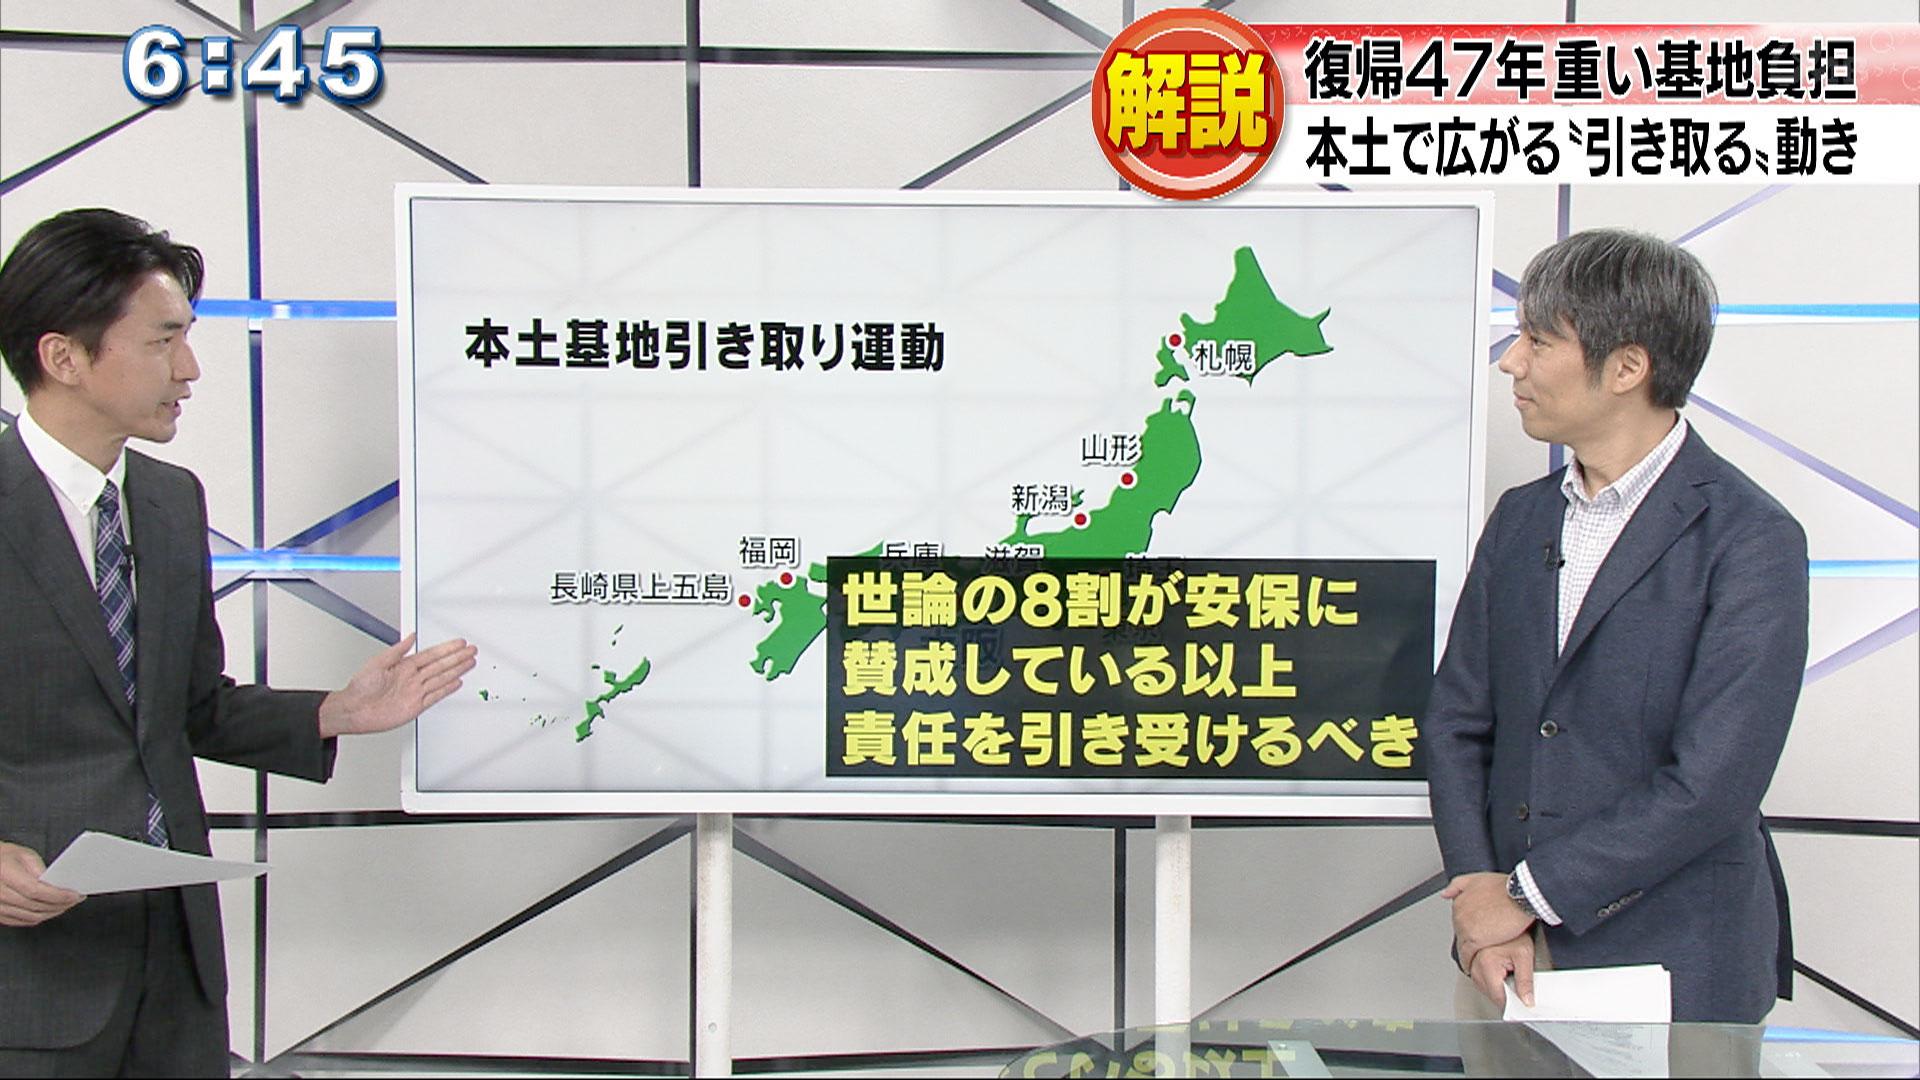 復帰47年 重い基地負担 本土で広がる動き 沖縄タイムス 阿部編集委員解説